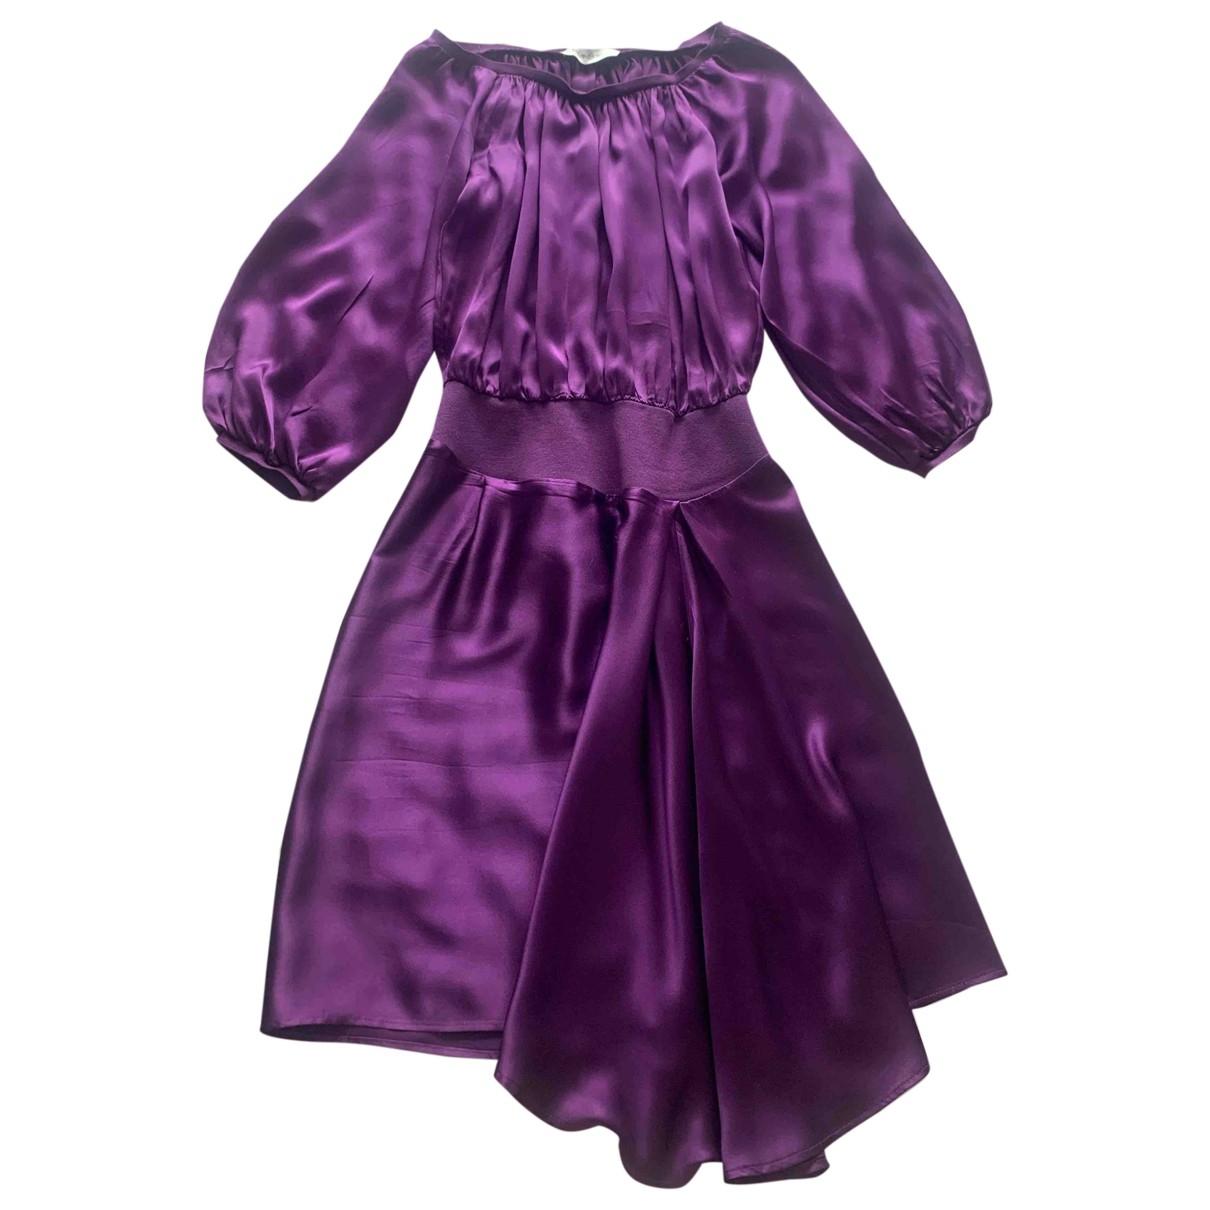 Yves Saint Laurent - Robe   pour femme en soie - violet